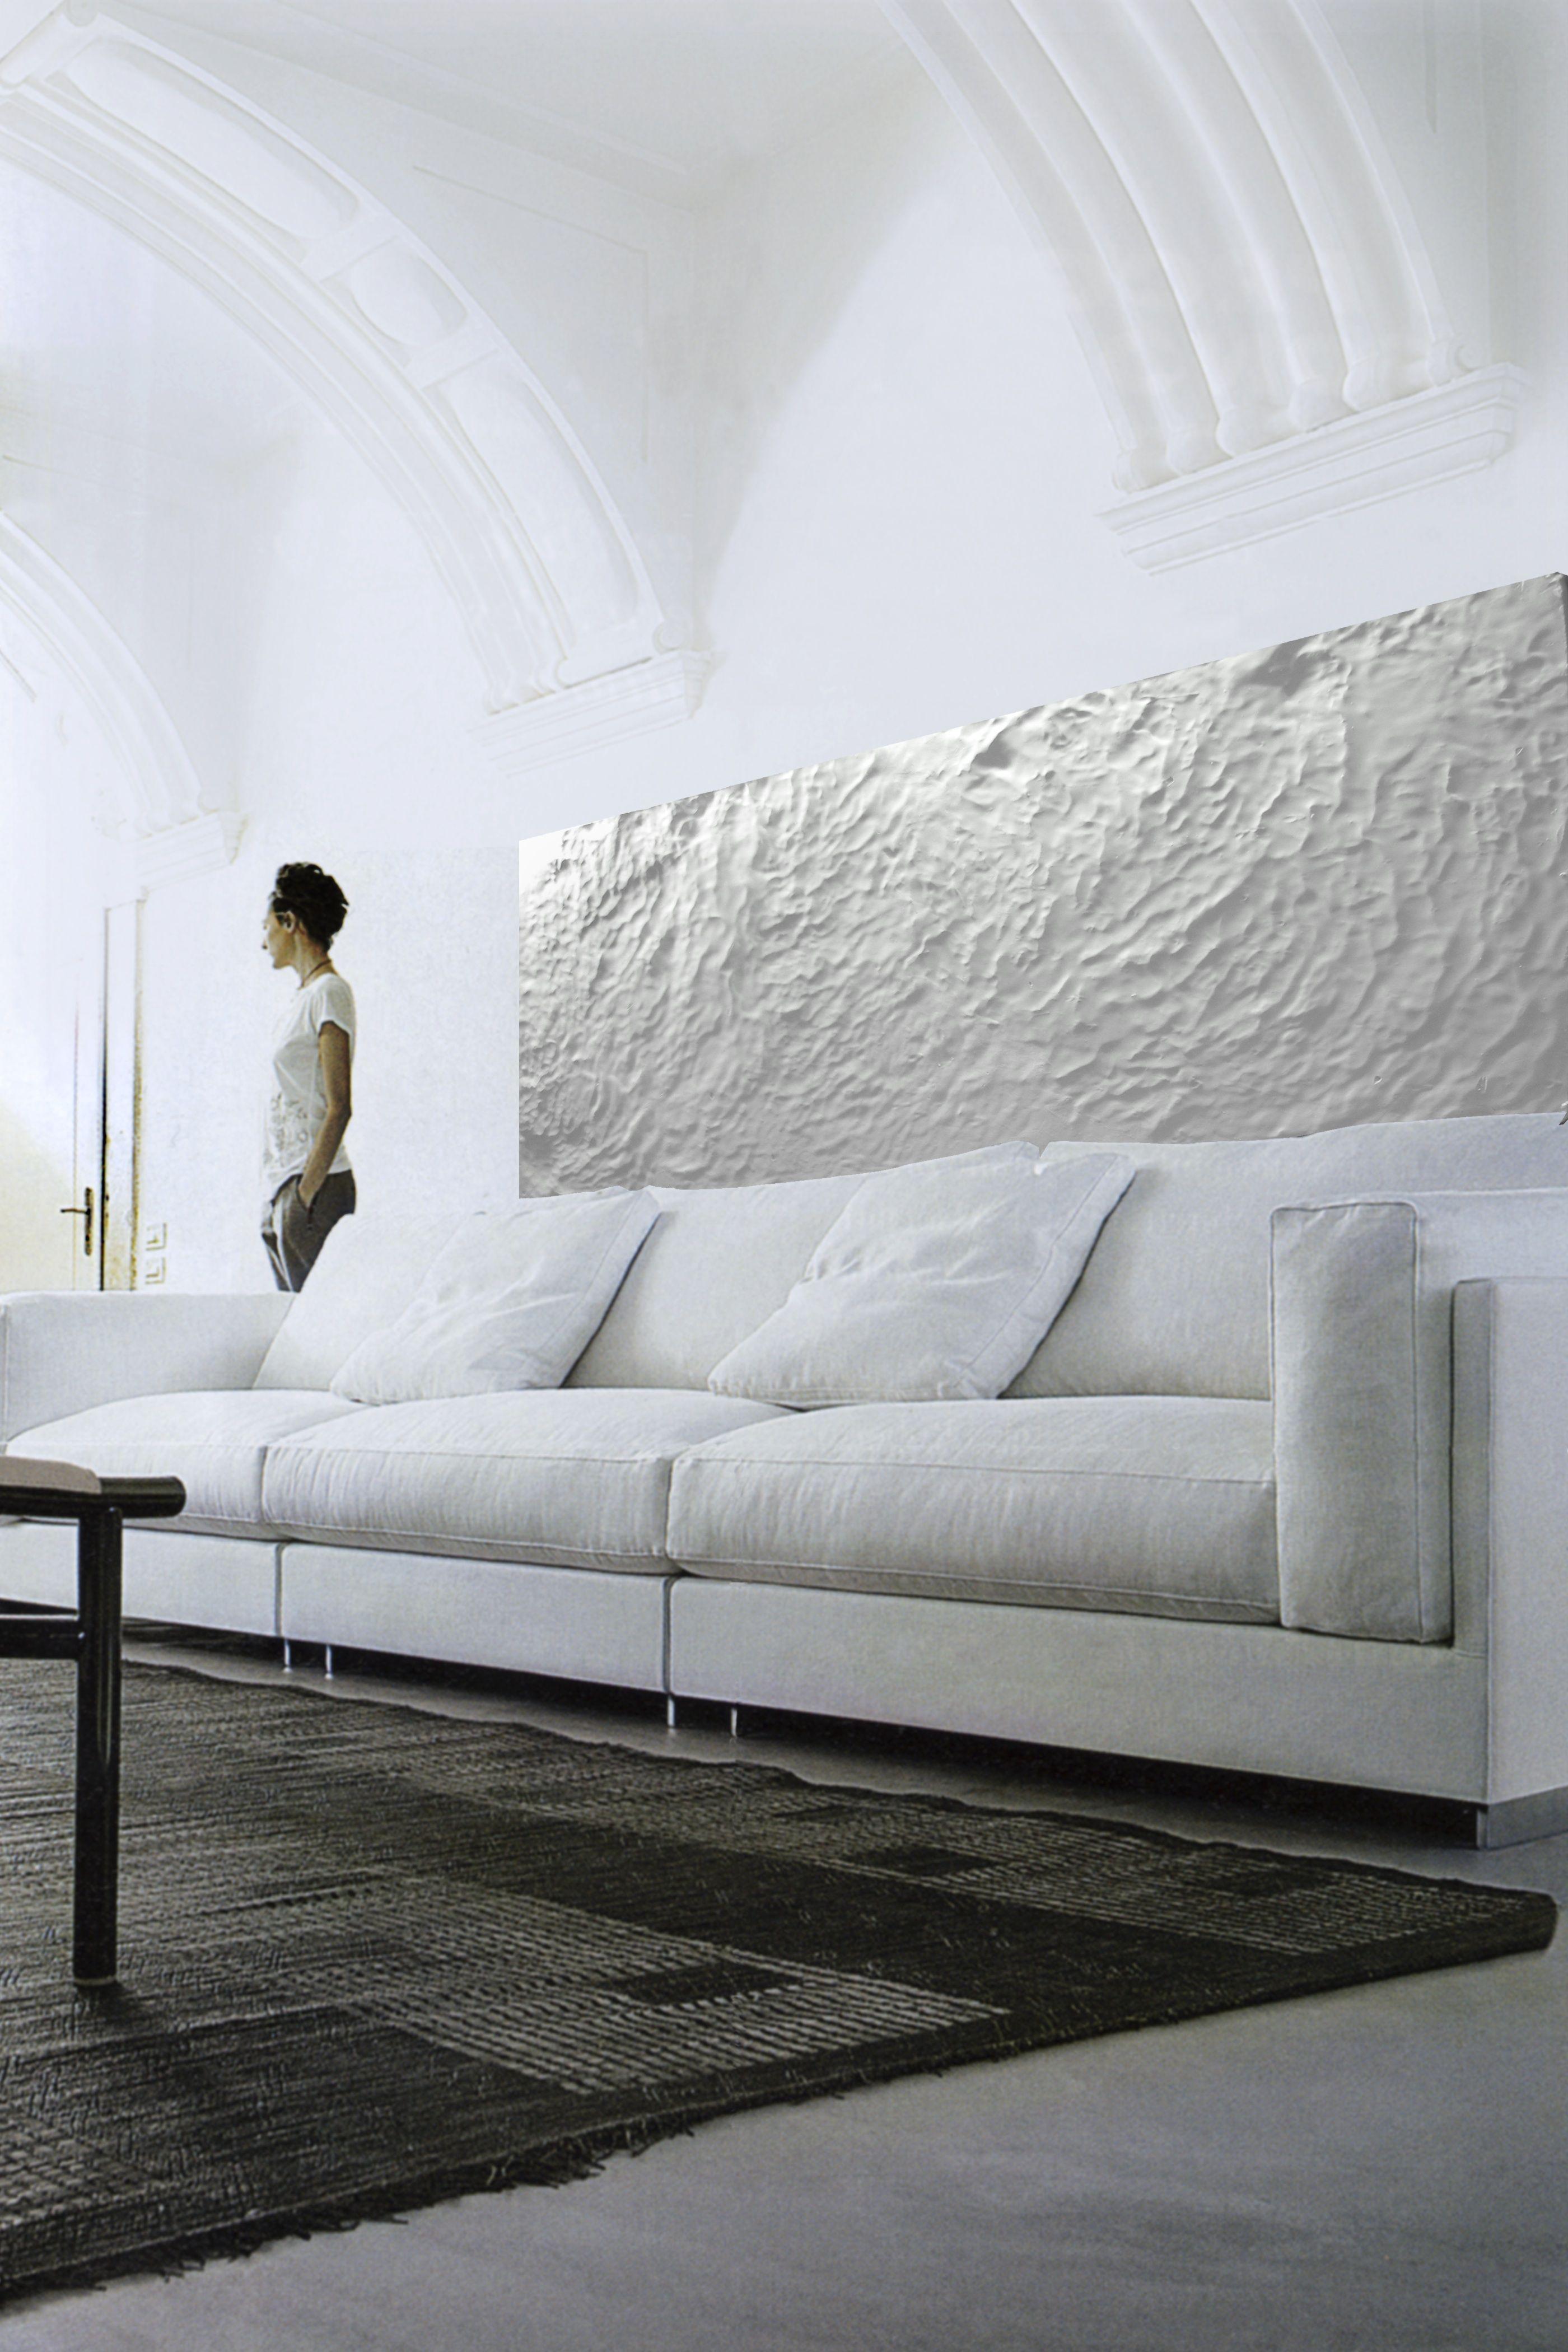 La decorazione in gesso un arte che rende unico l for Torino arreda contract